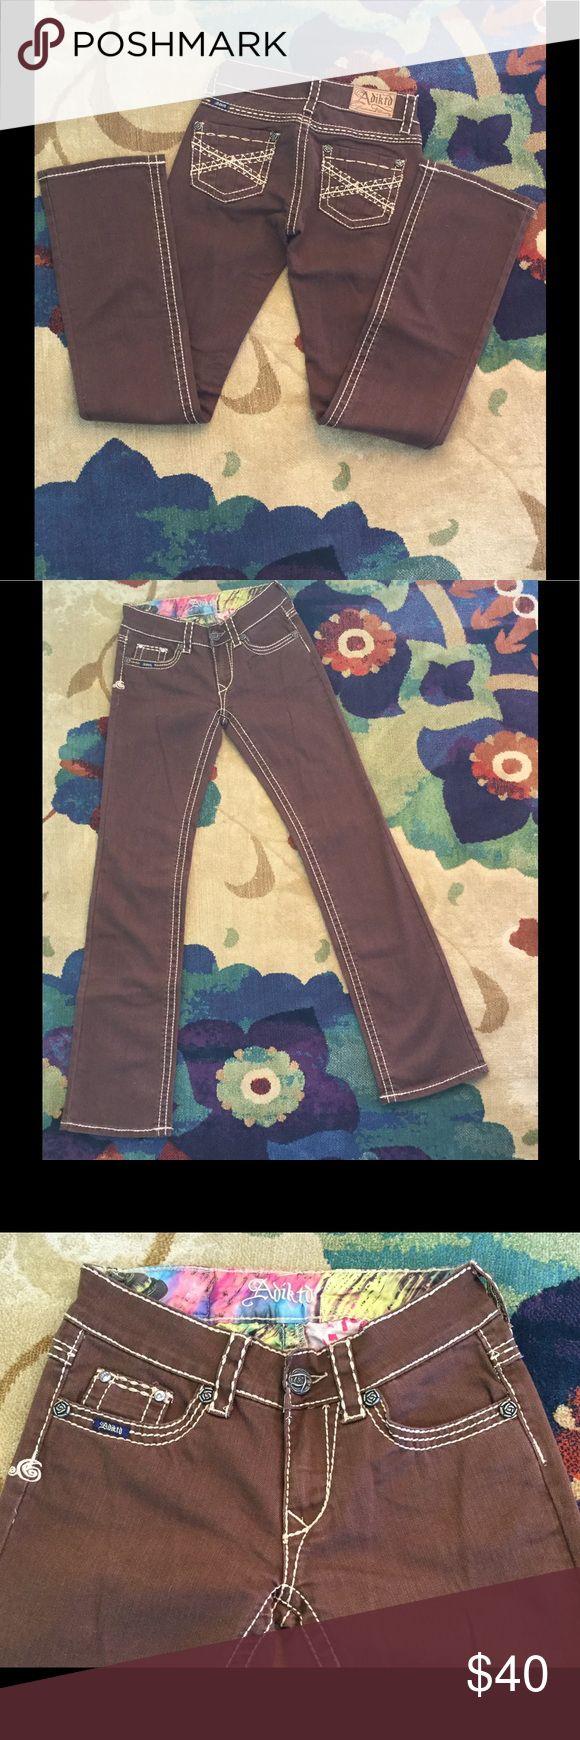 Adiktd New Ladies Jeans Adiktd New (no tags) Ladies Jeans Size 0/W26, Inseam 34 Regular 98% Cotton 2% Spandex Style ADJ1307531-A Adiktd Jeans